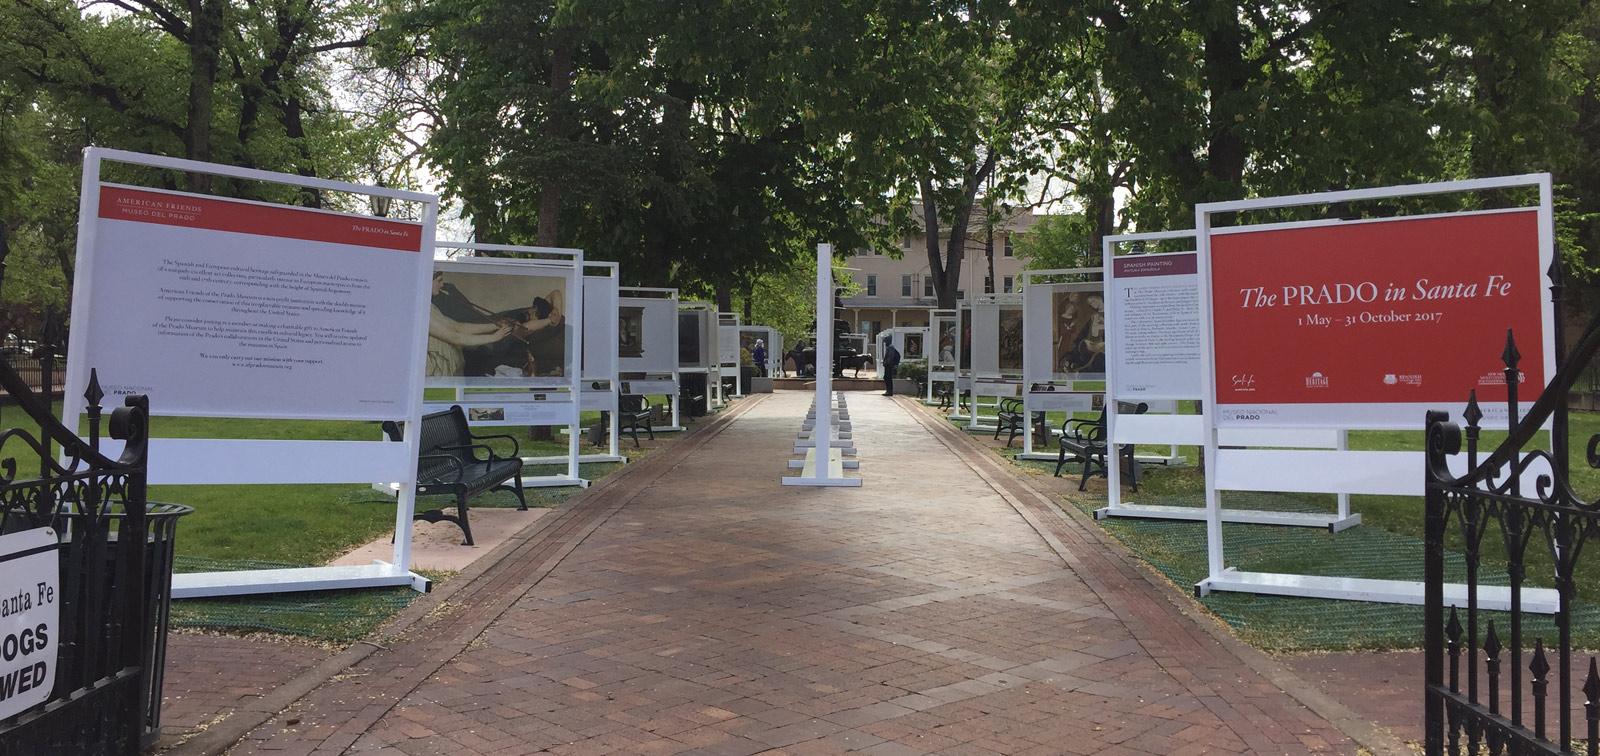 Exposición didáctica: El Museo del Prado en Santa Fe